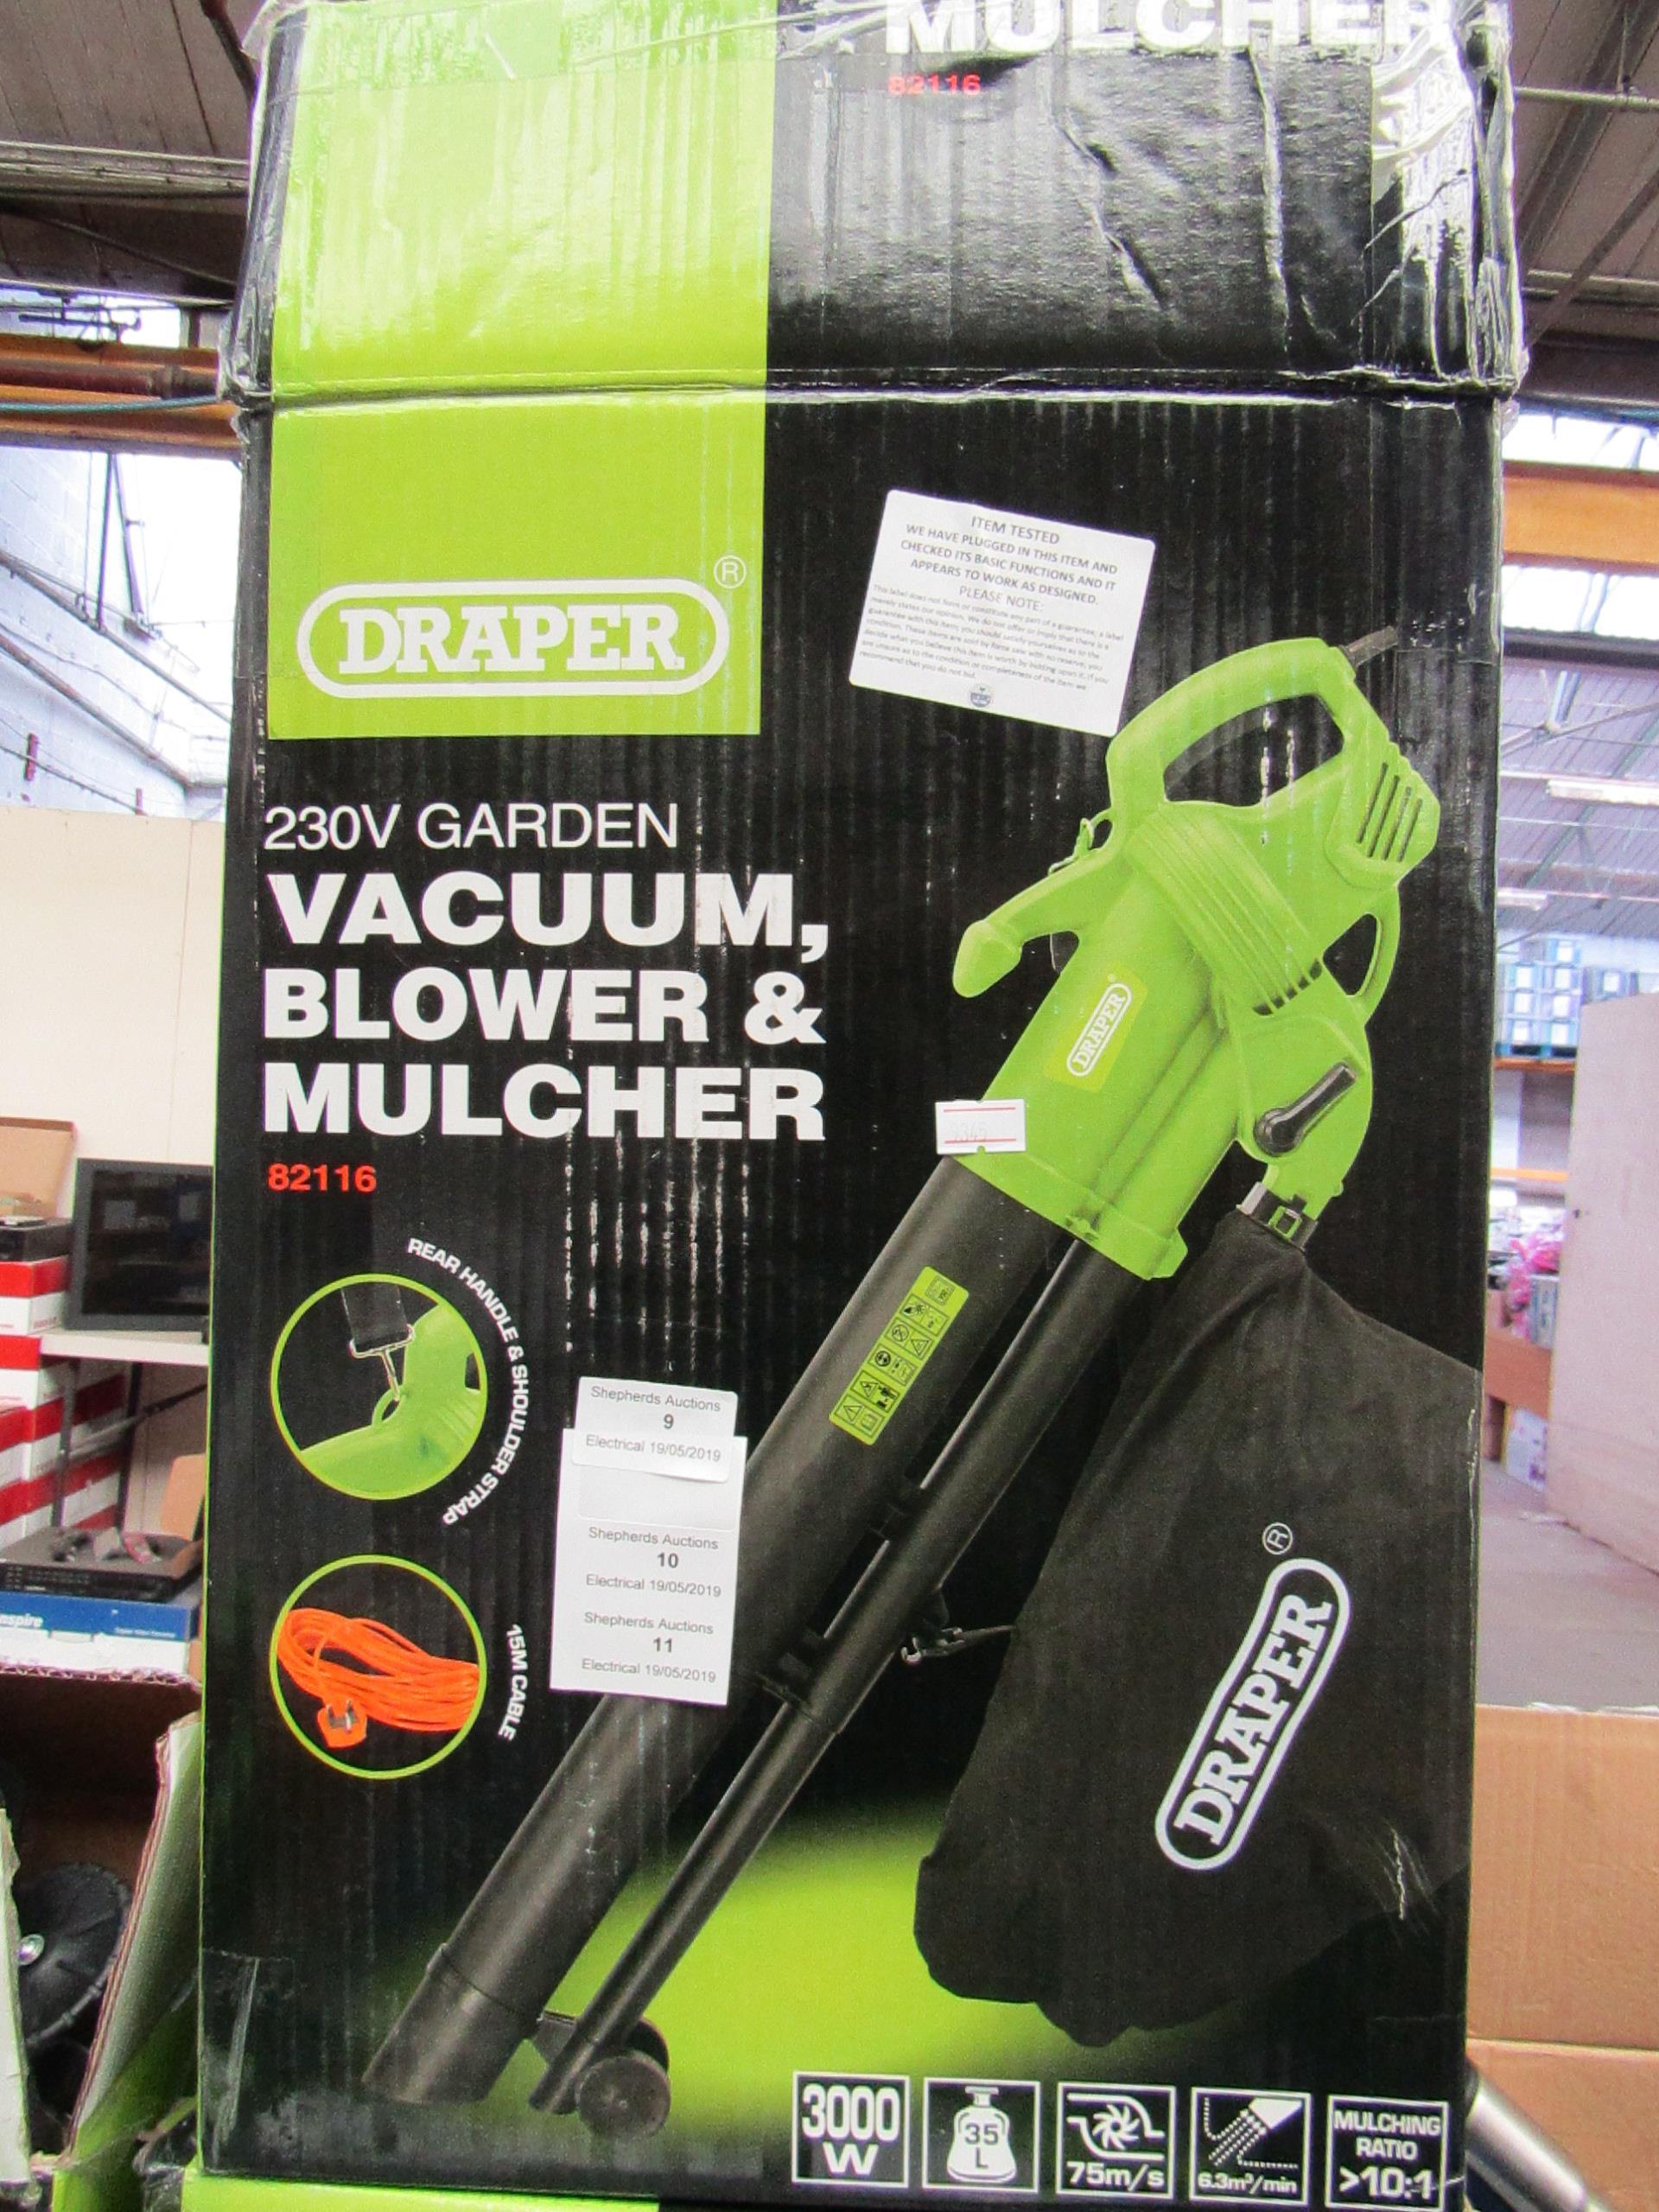 Lot 11 - Draper 230V Garden Vacuum, Blower & Mulcher , Tested Working & Boxed